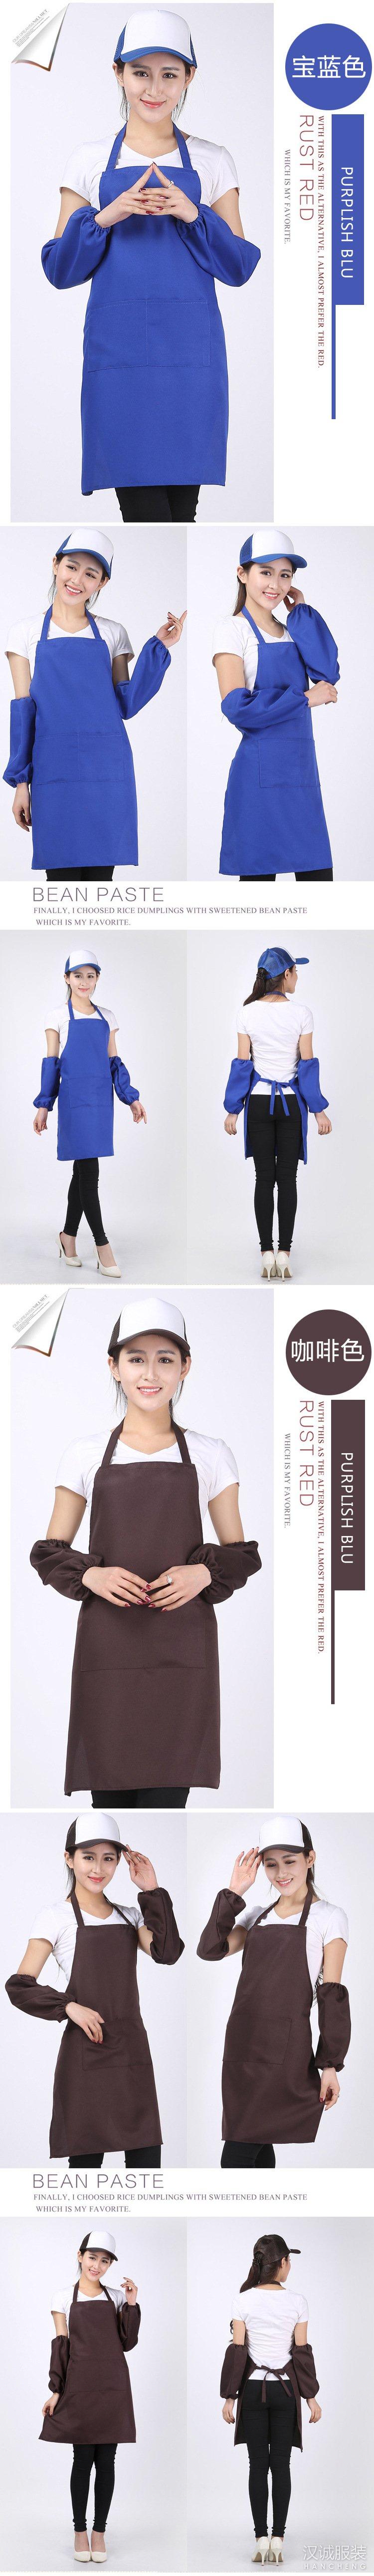 韩版时尚工作围裙订做-颜色图3